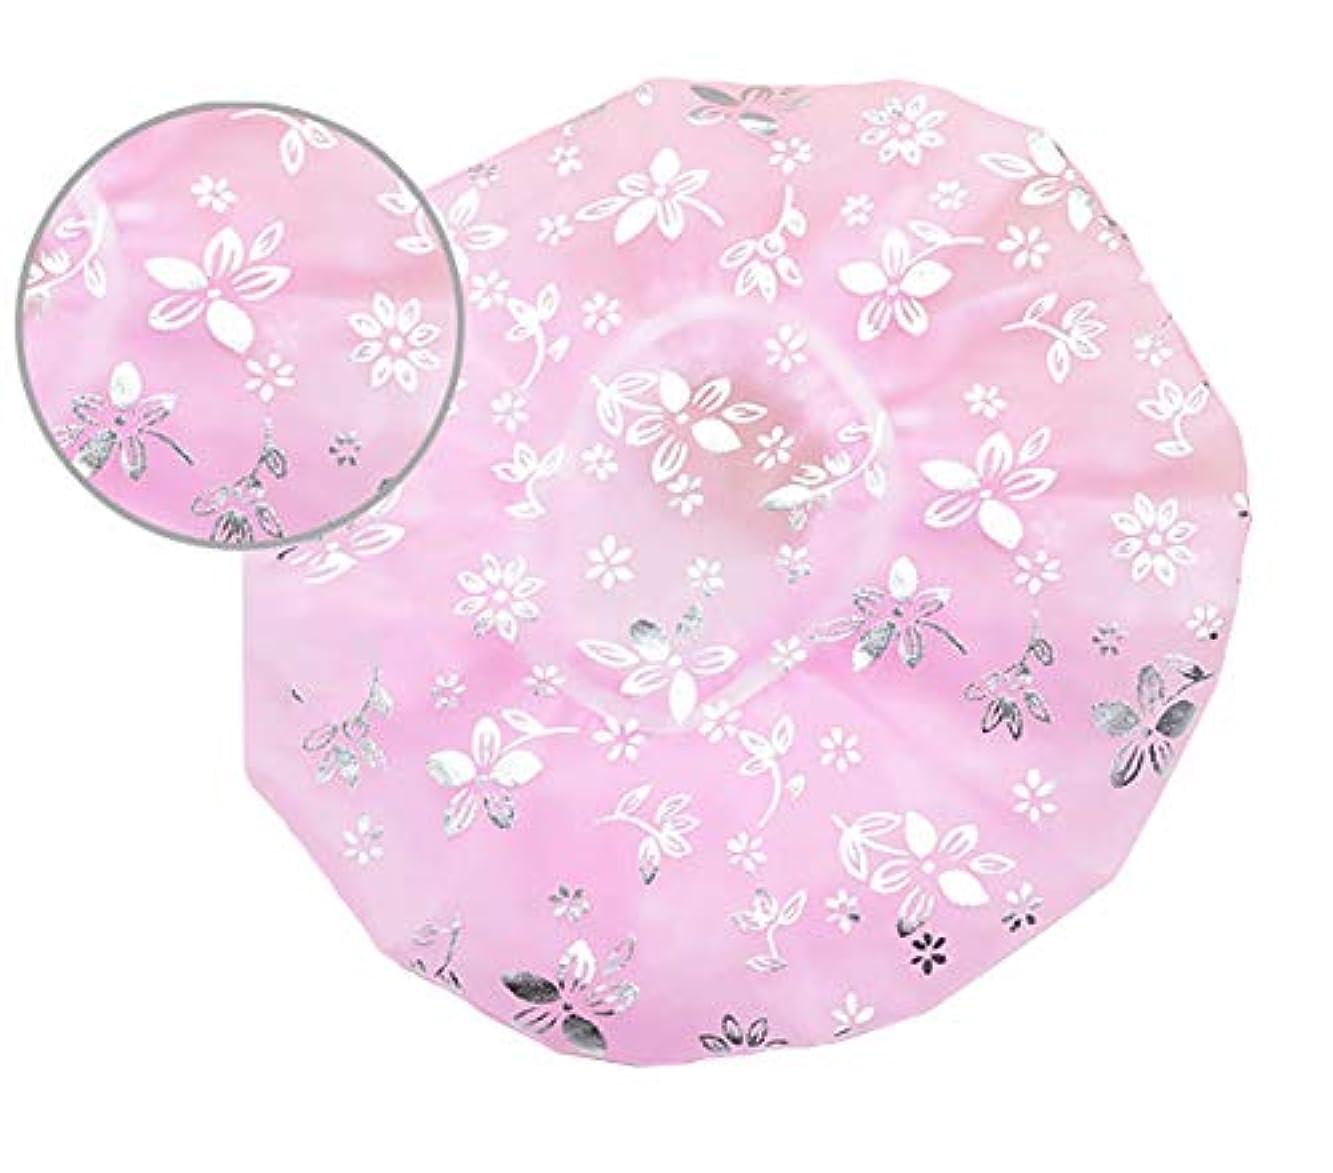 不適アラバマ封筒Maltose 防水シャワーキャップ お風呂 ヘアキャップ 洗顔 バス用品 強い防水性 2枚セット